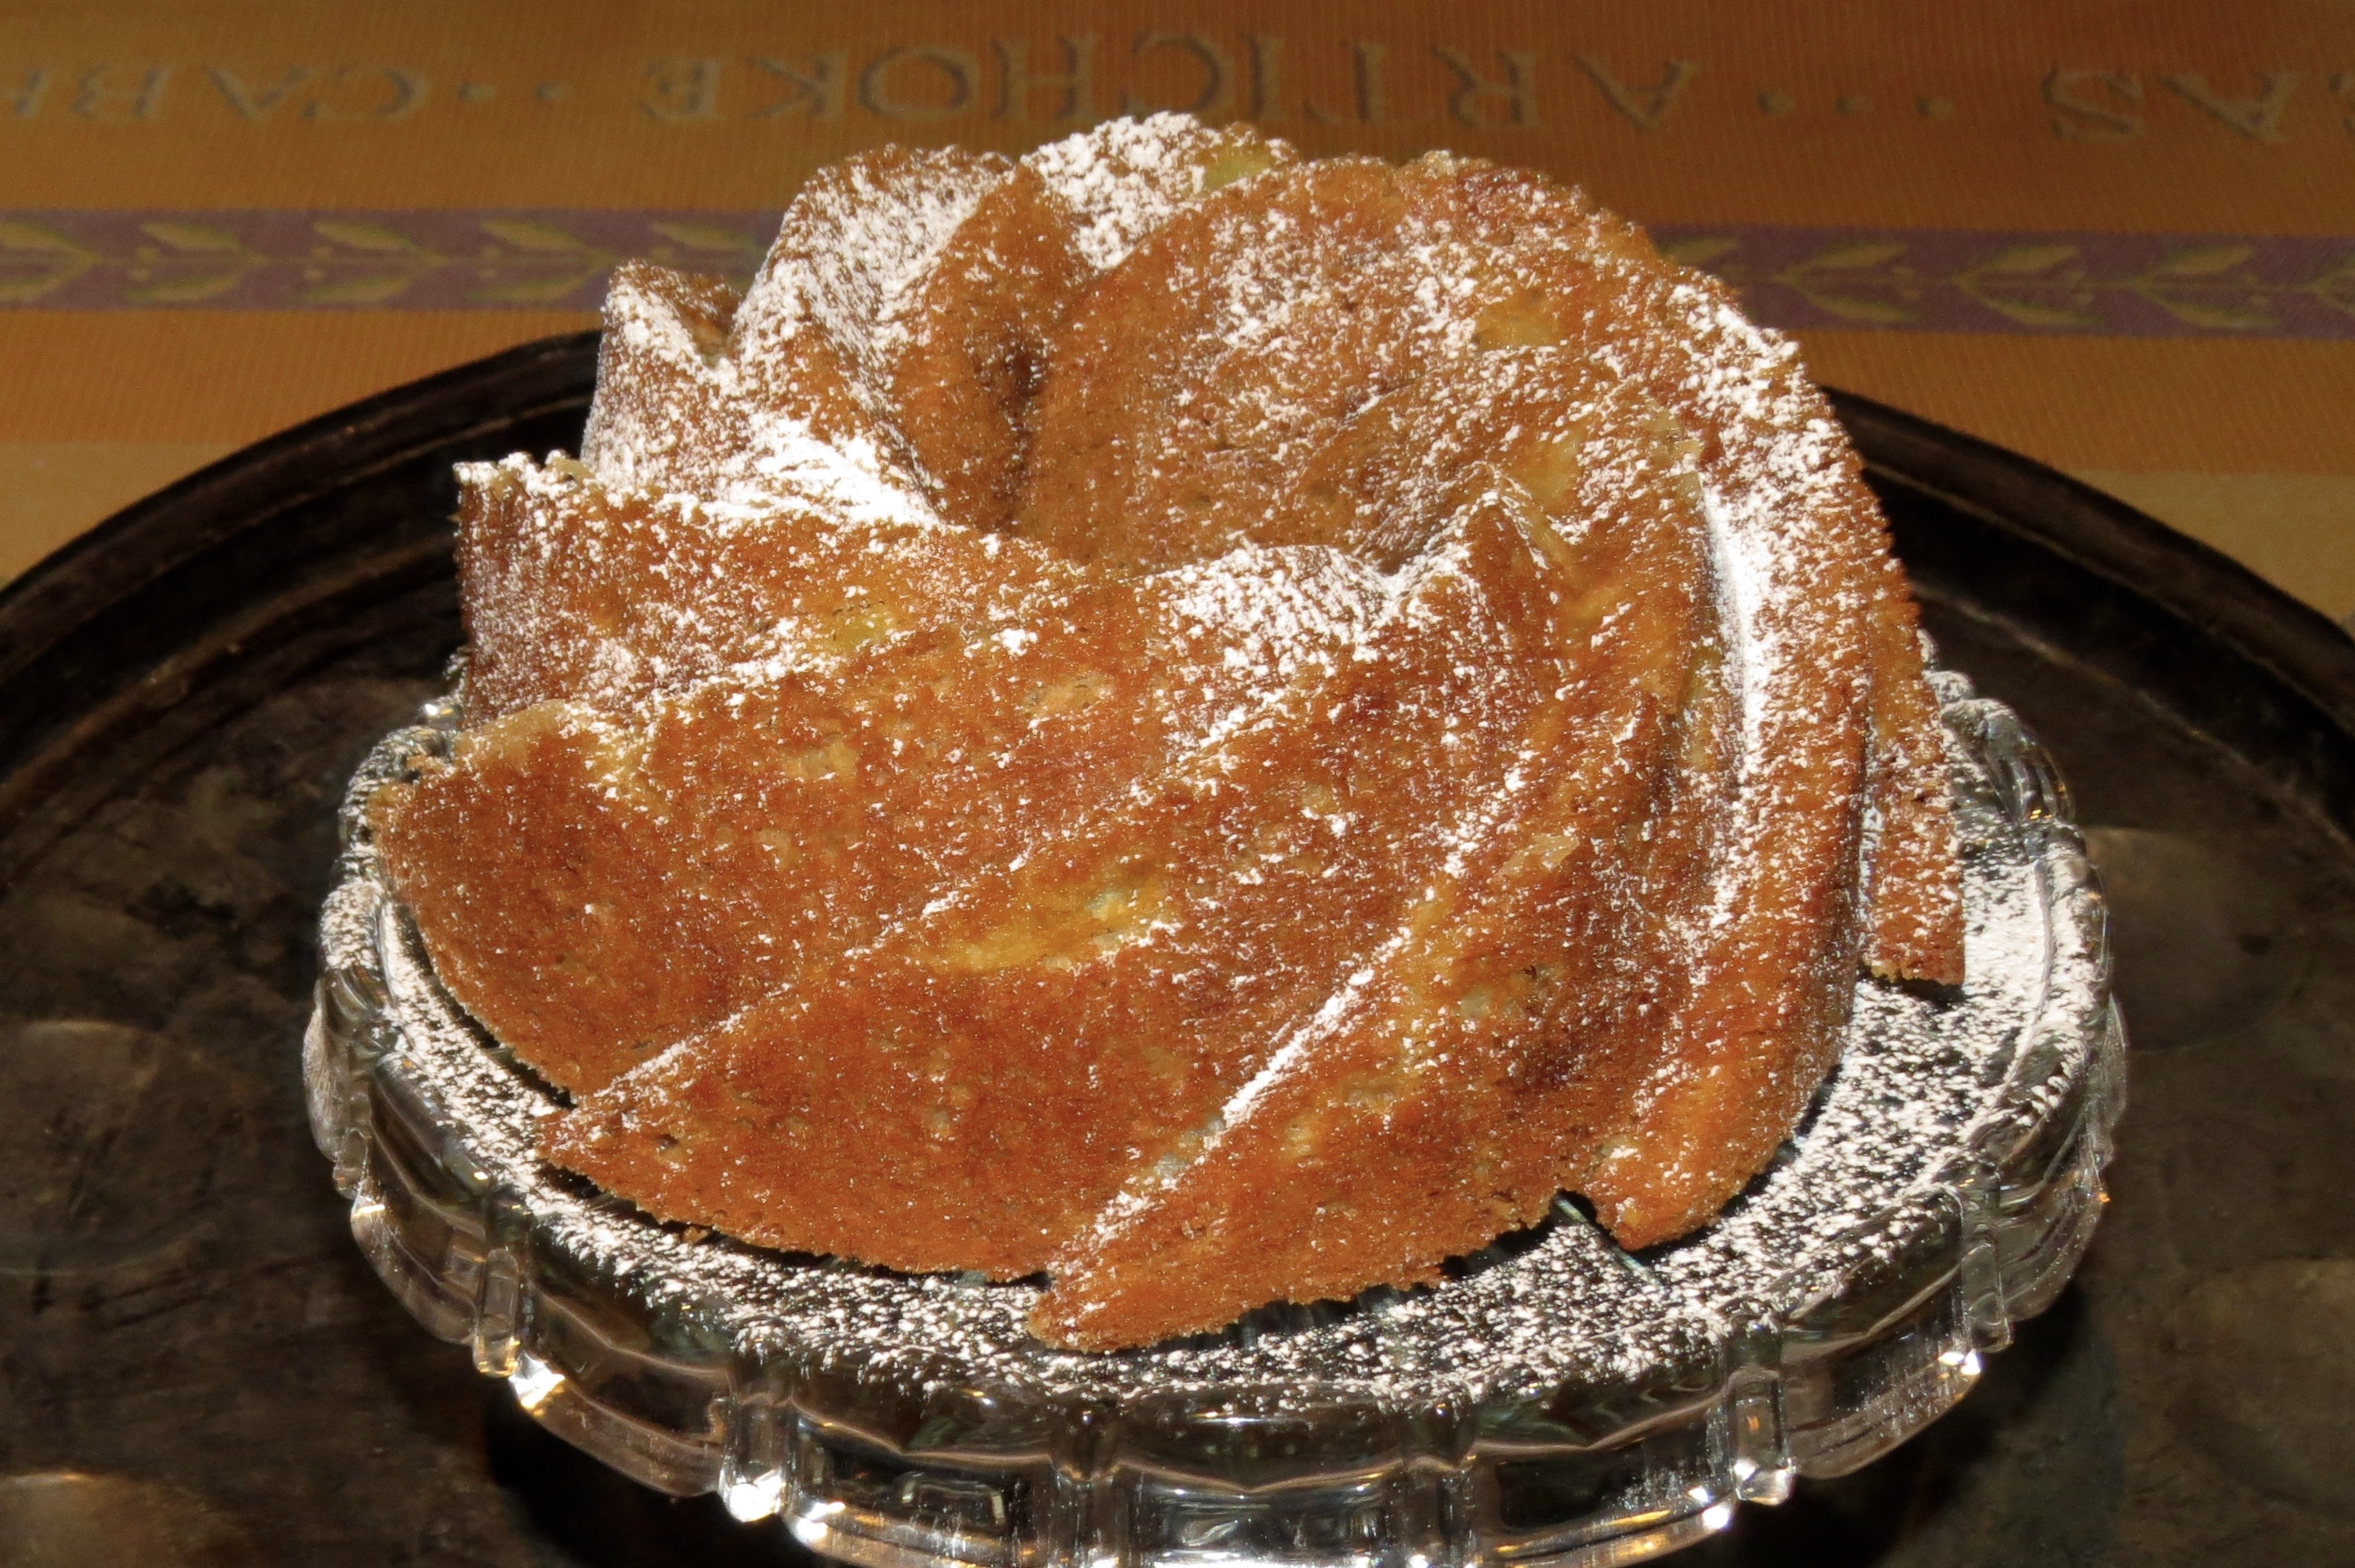 APPLE GINGER BUNDT CAKE